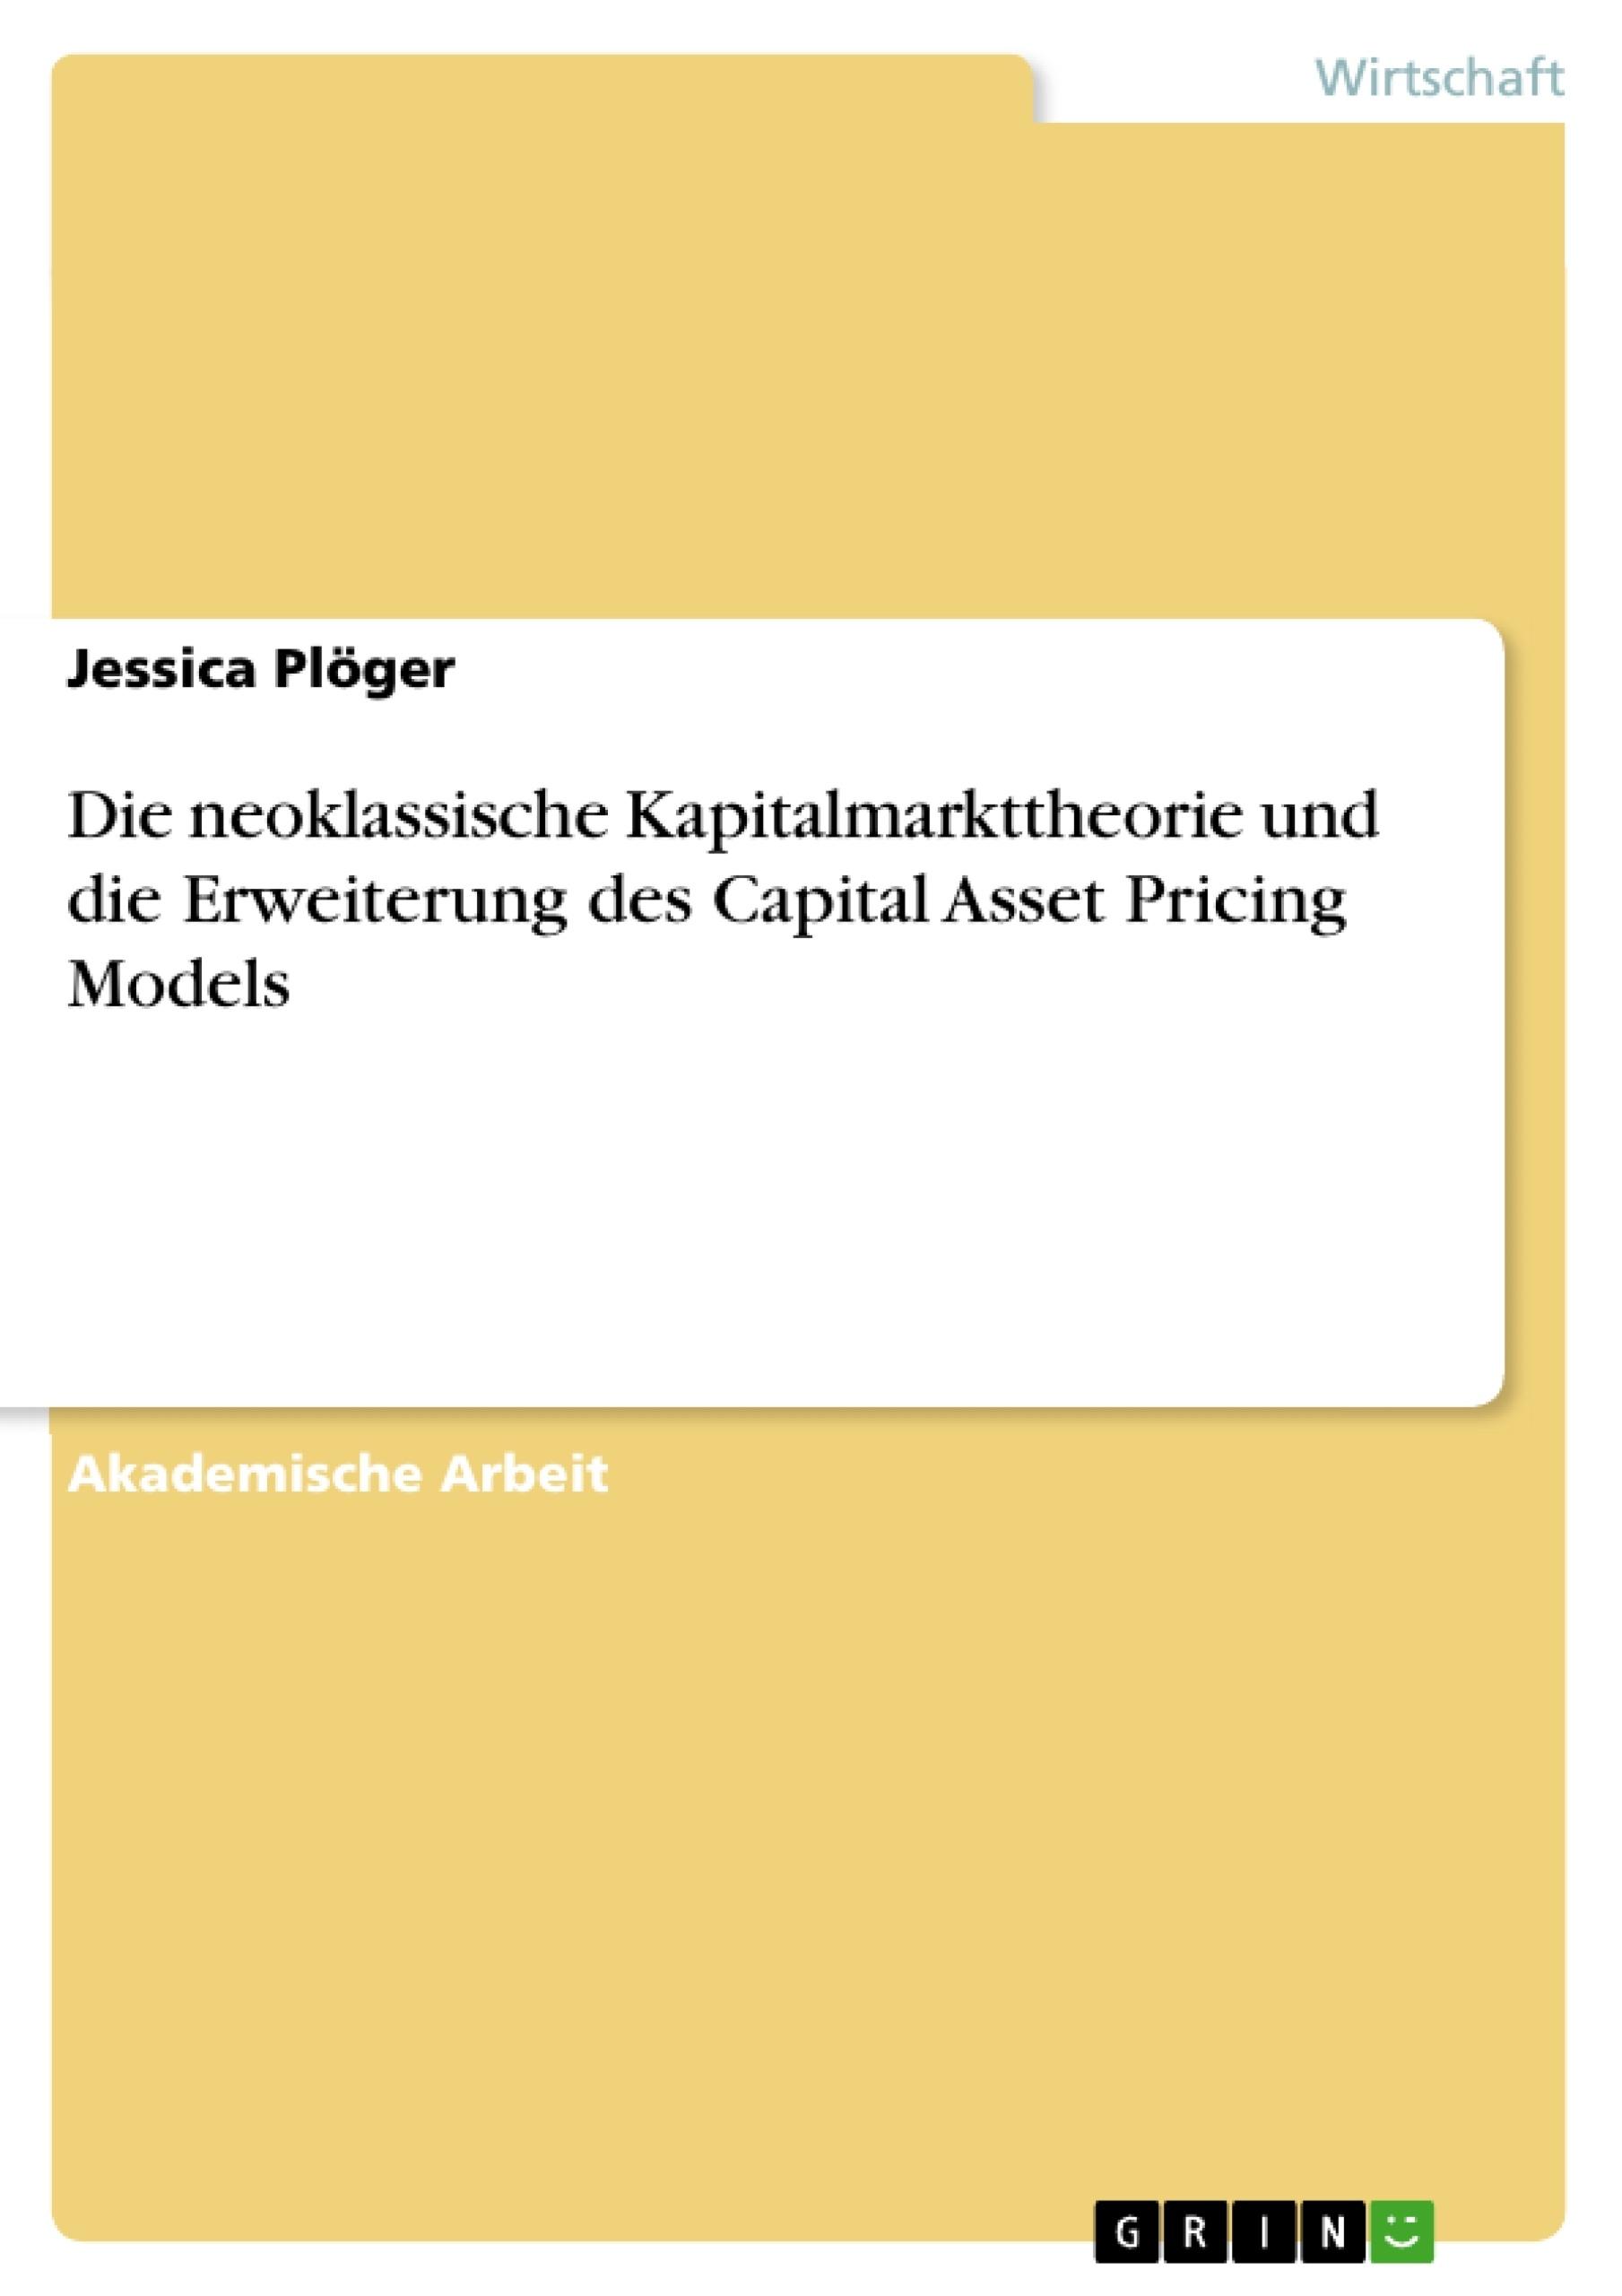 Titel: Die neoklassische Kapitalmarkttheorie und die Erweiterung des Capital Asset Pricing Models